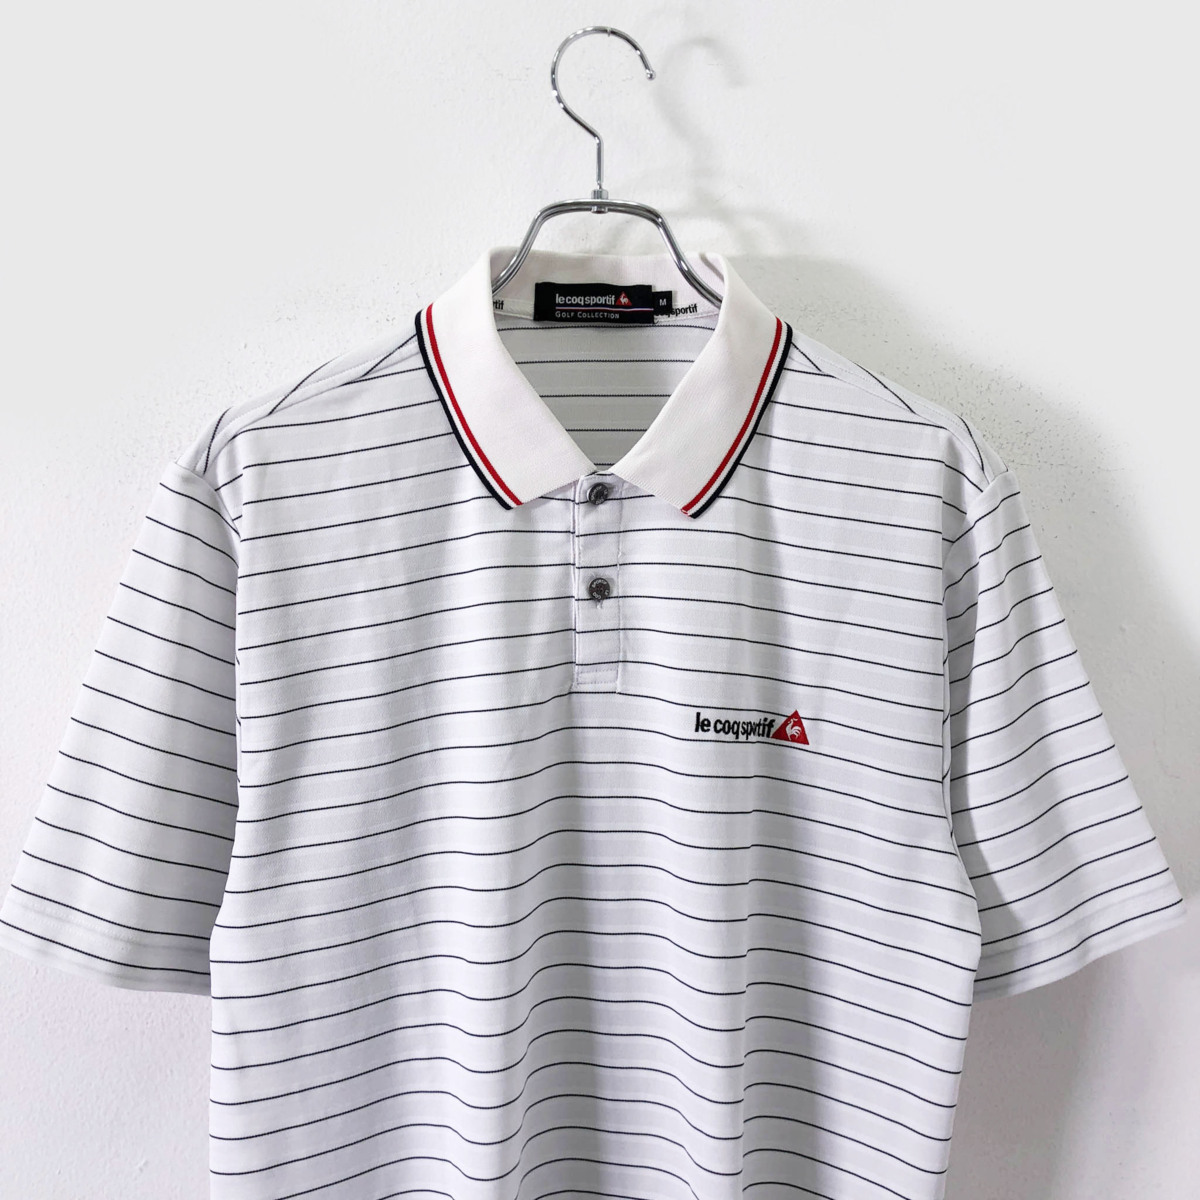 ゴルフに!!◆le coq sportif GOLF ルコック ゴルフ ロゴ刺繍 ボーダー柄 半袖 ドライ ポロシャツ M/メンズ スポーツ 白 ホワイト_画像1